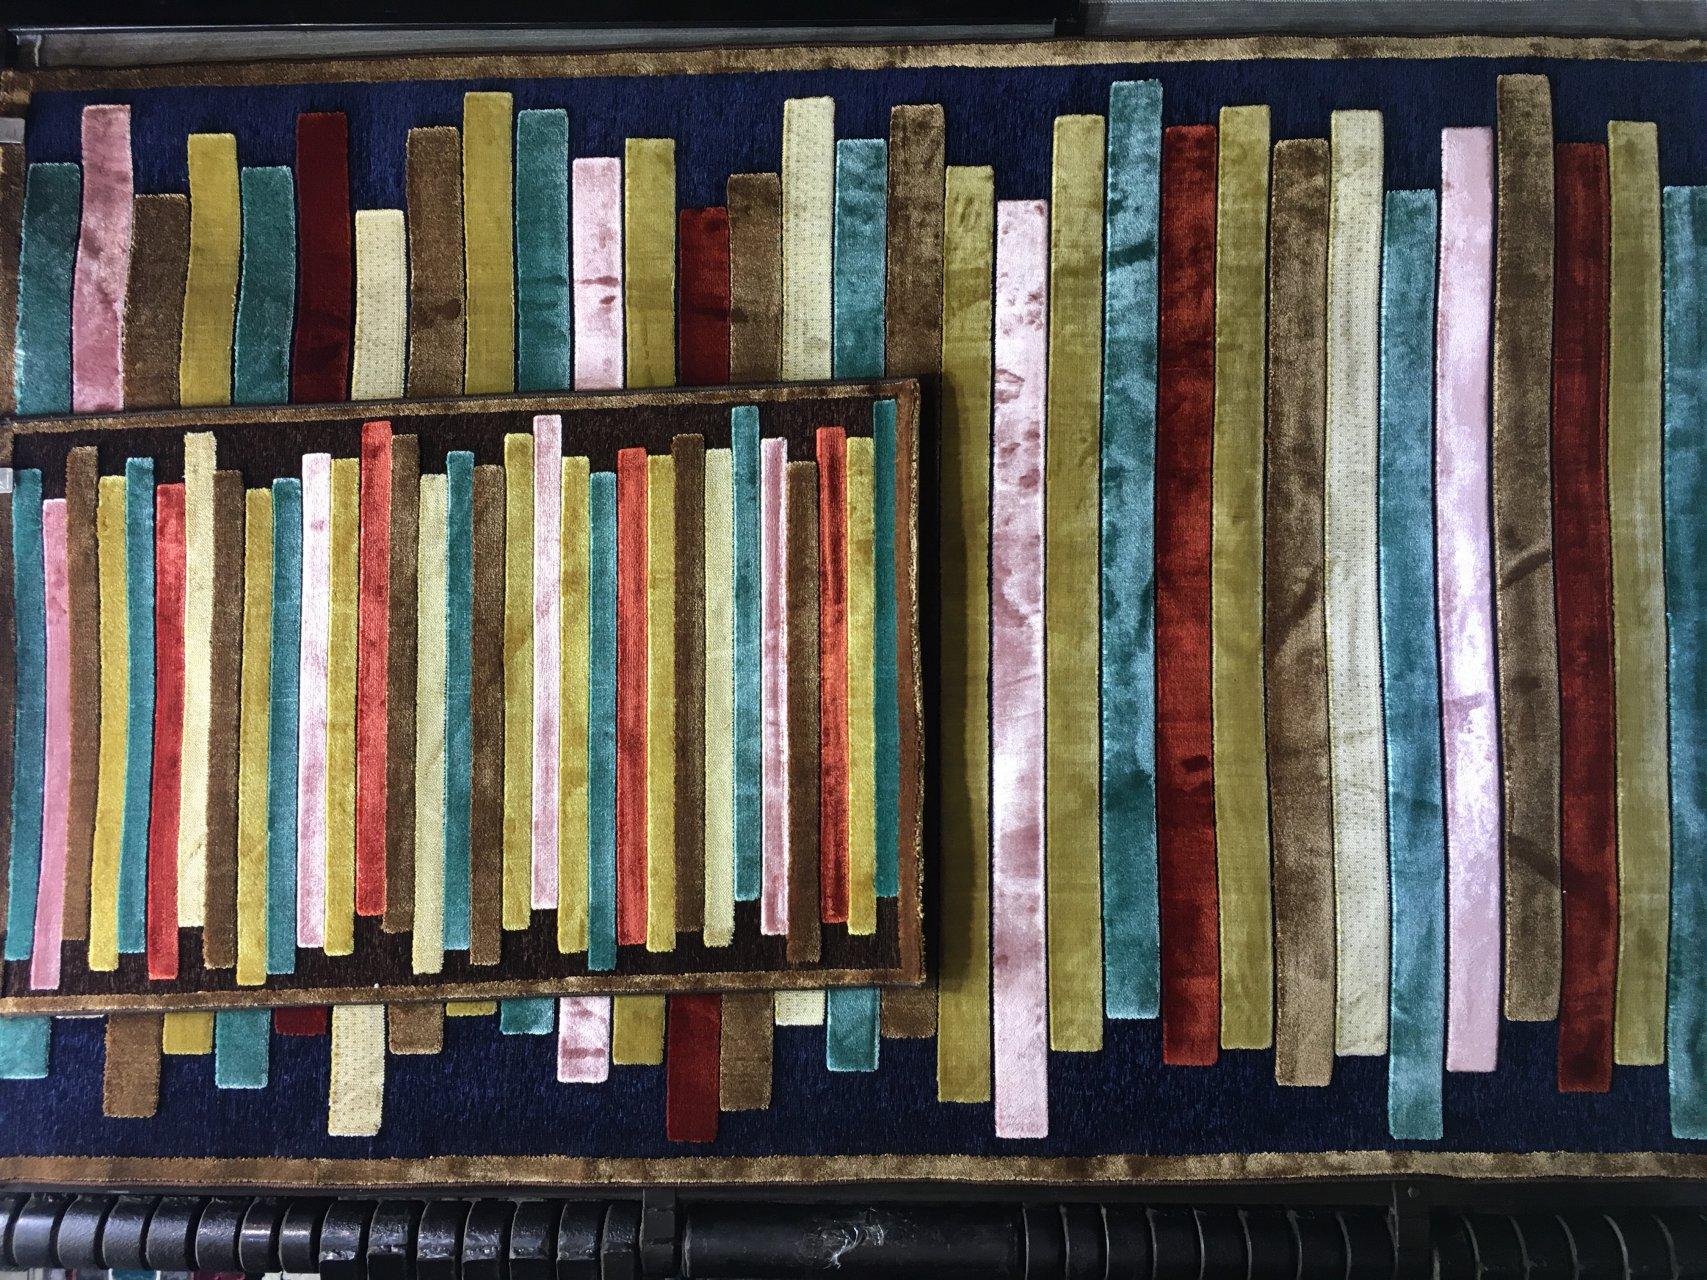 فرش فانتزی شنل سورمه ای 4 متری